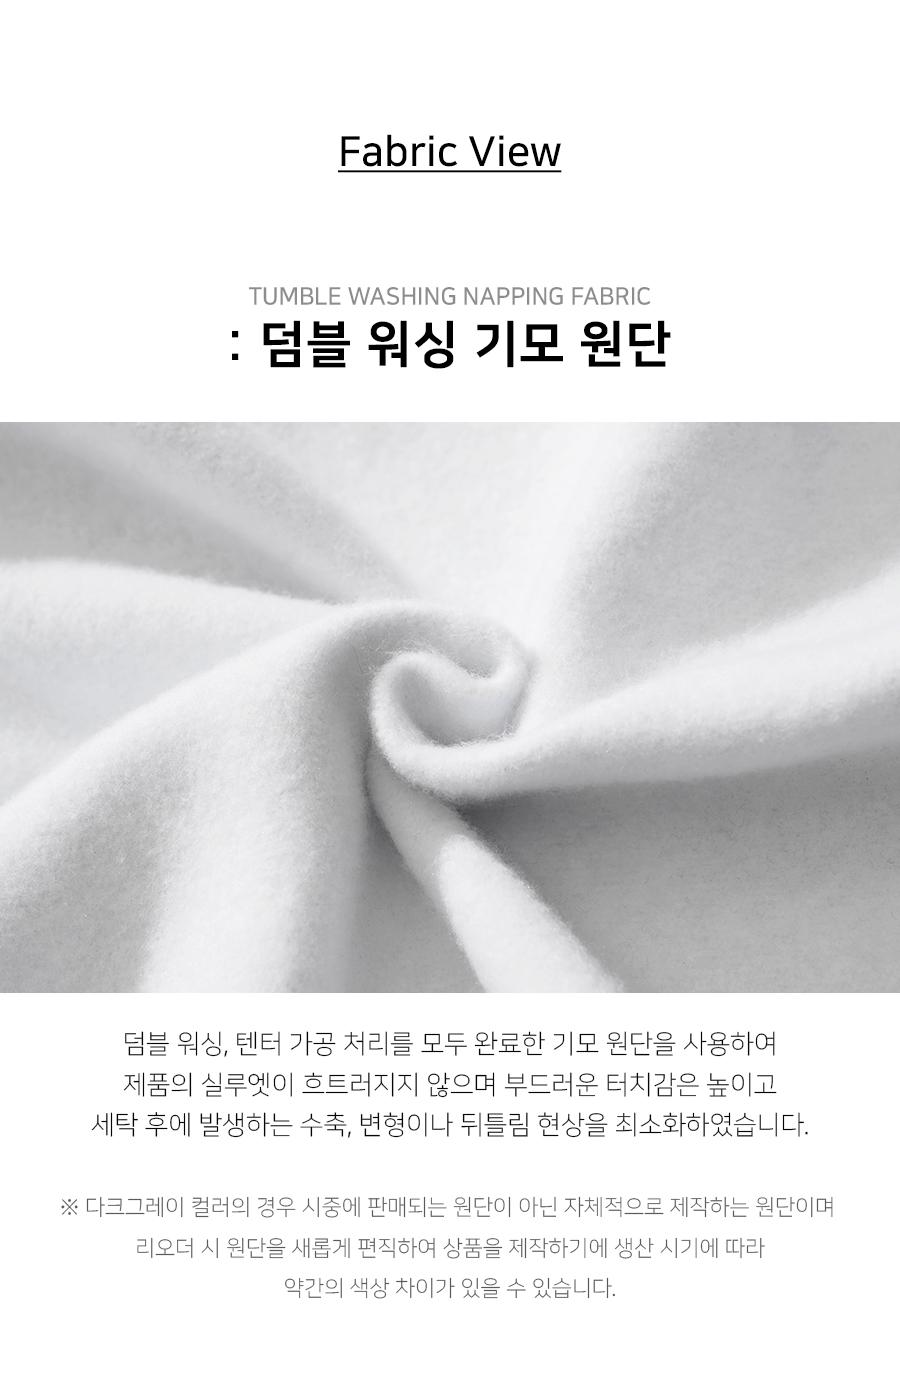 YHHD2302%2BYHLP2336_fabric_so.jpg